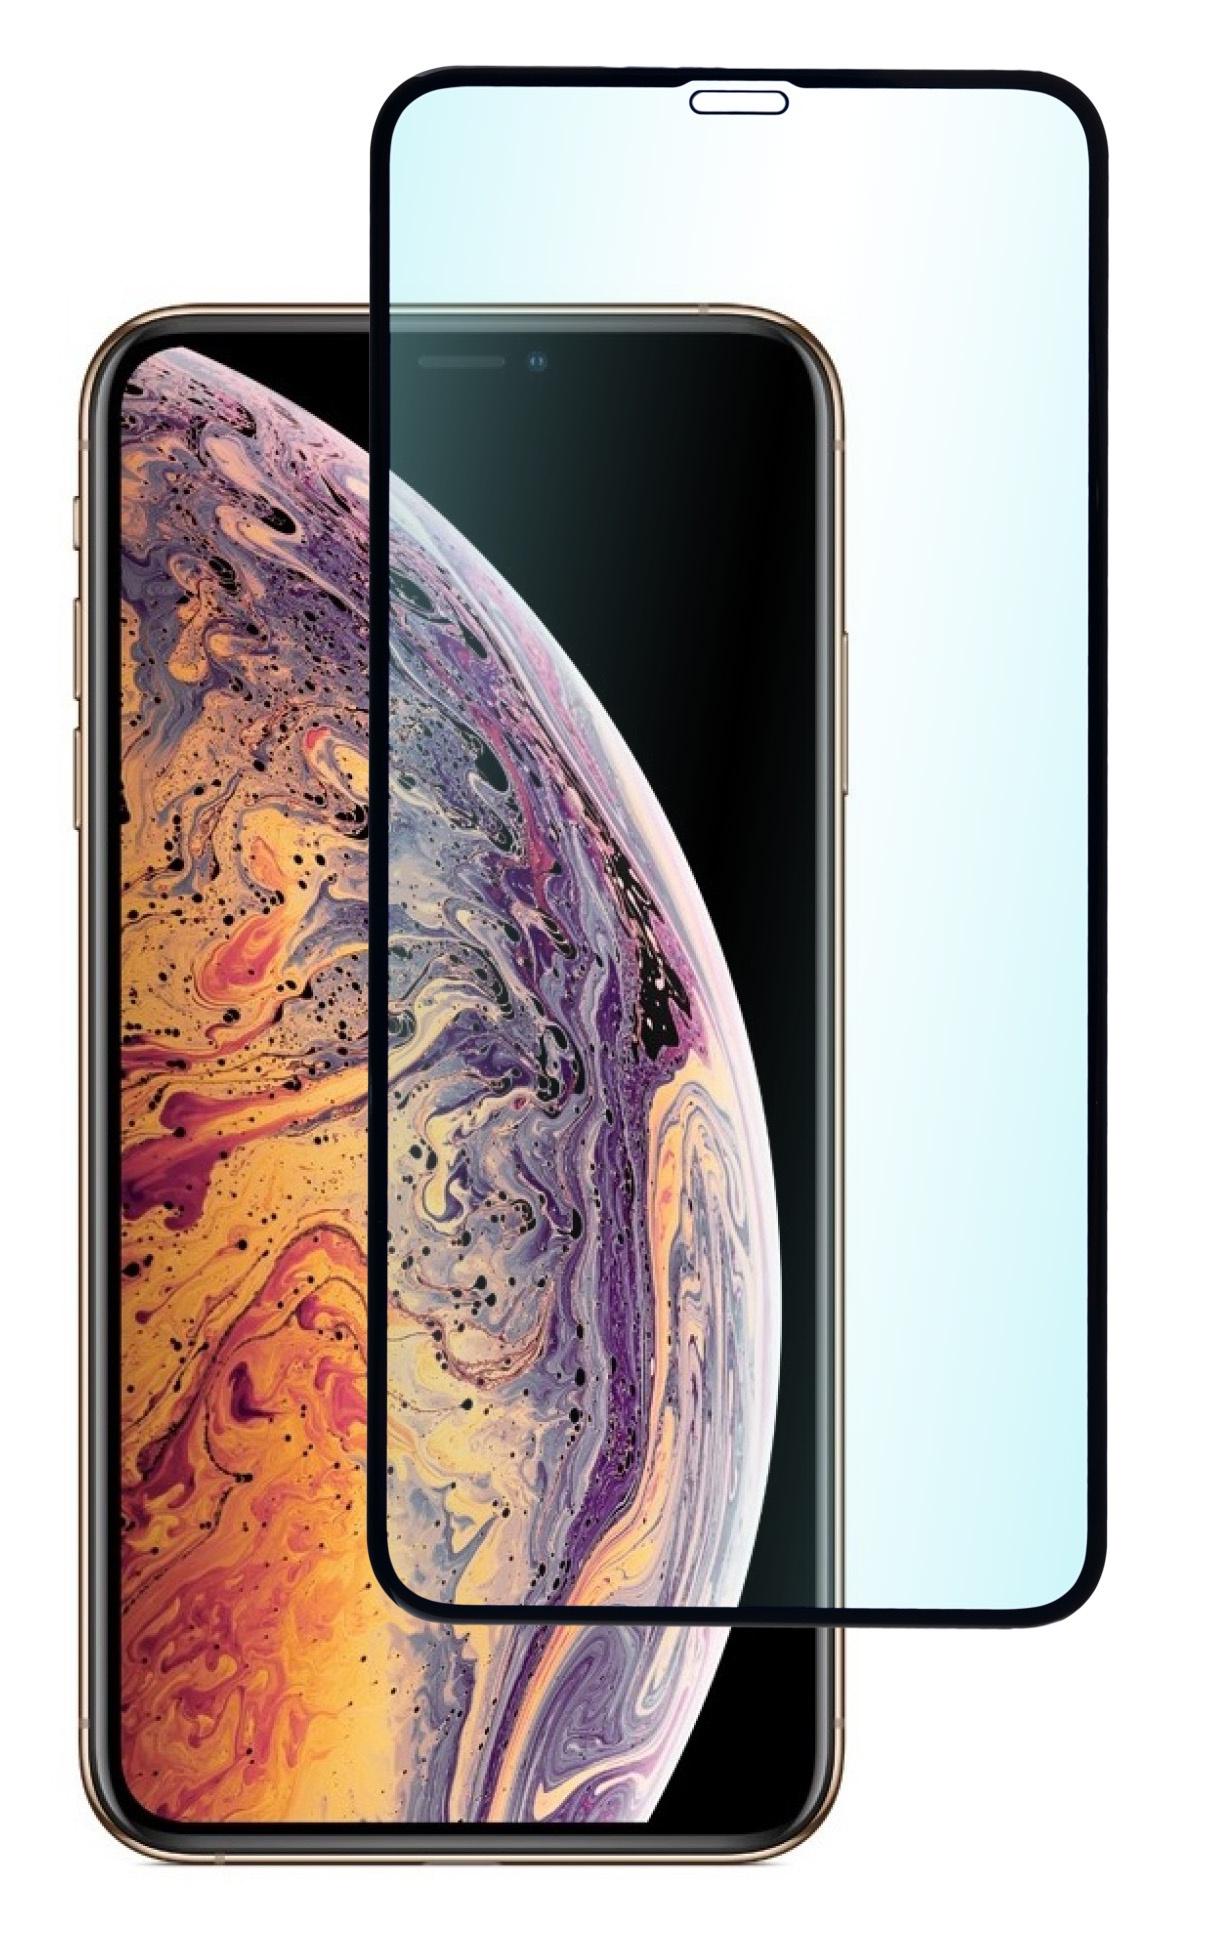 Защитное стекло skinBOX 3D full glue, 4630042522640, черный защитное стекло ubear 3d full cover gl12bl03 i10 для apple iphone x xs с рамкой черный